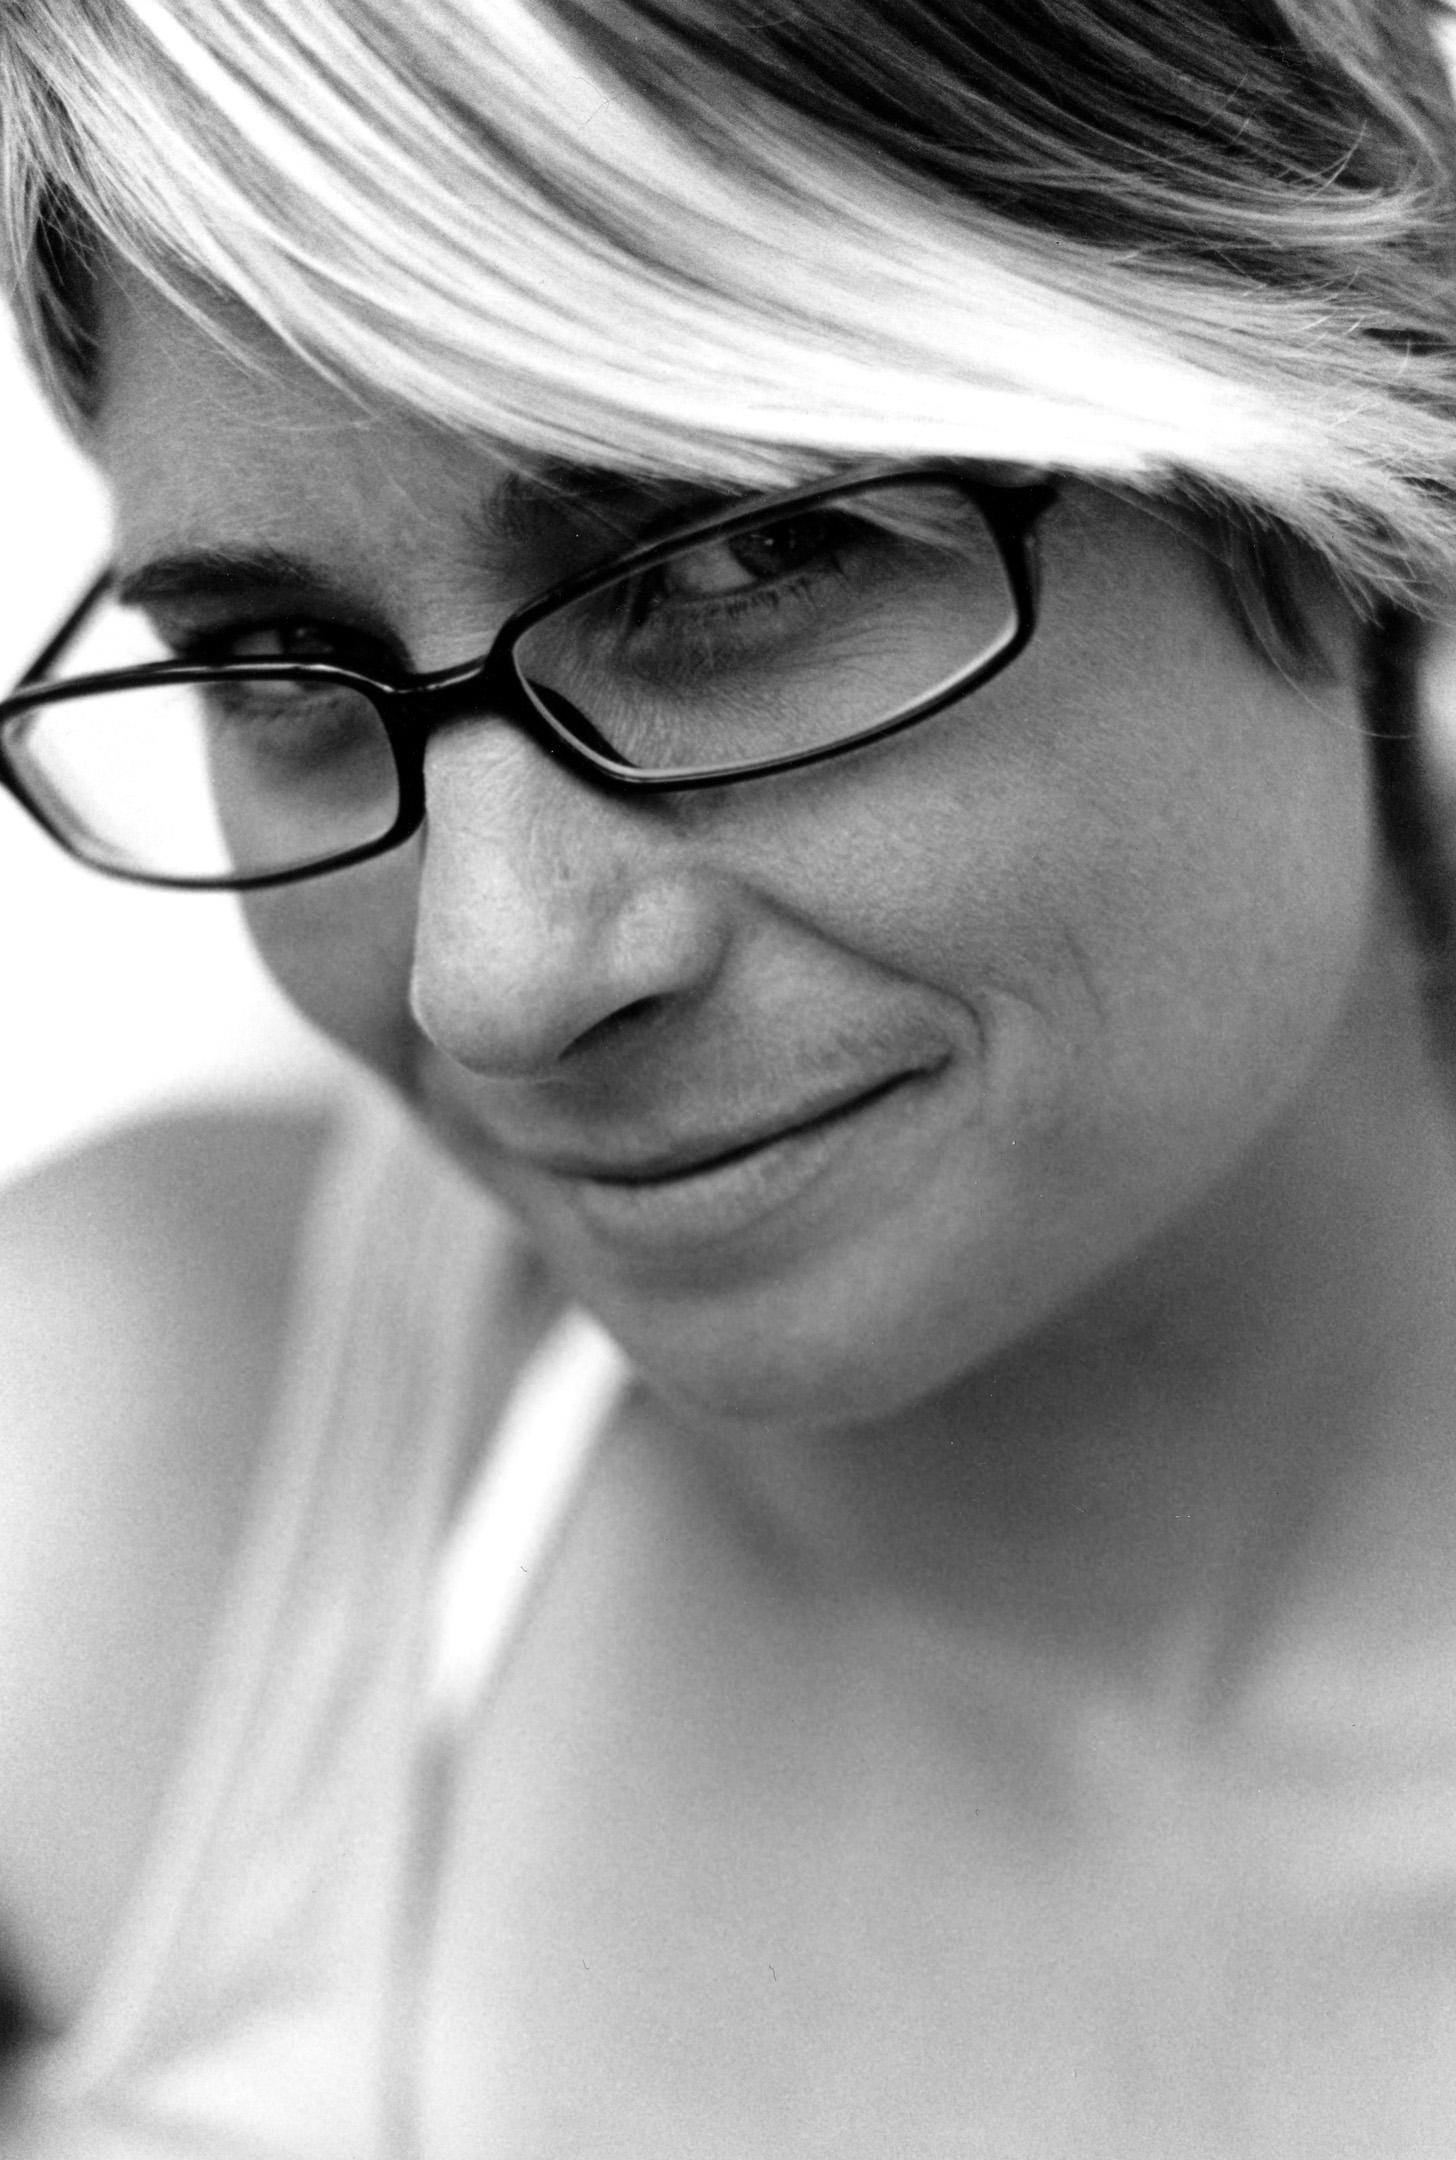 Belinda Baggs, Australia 2005